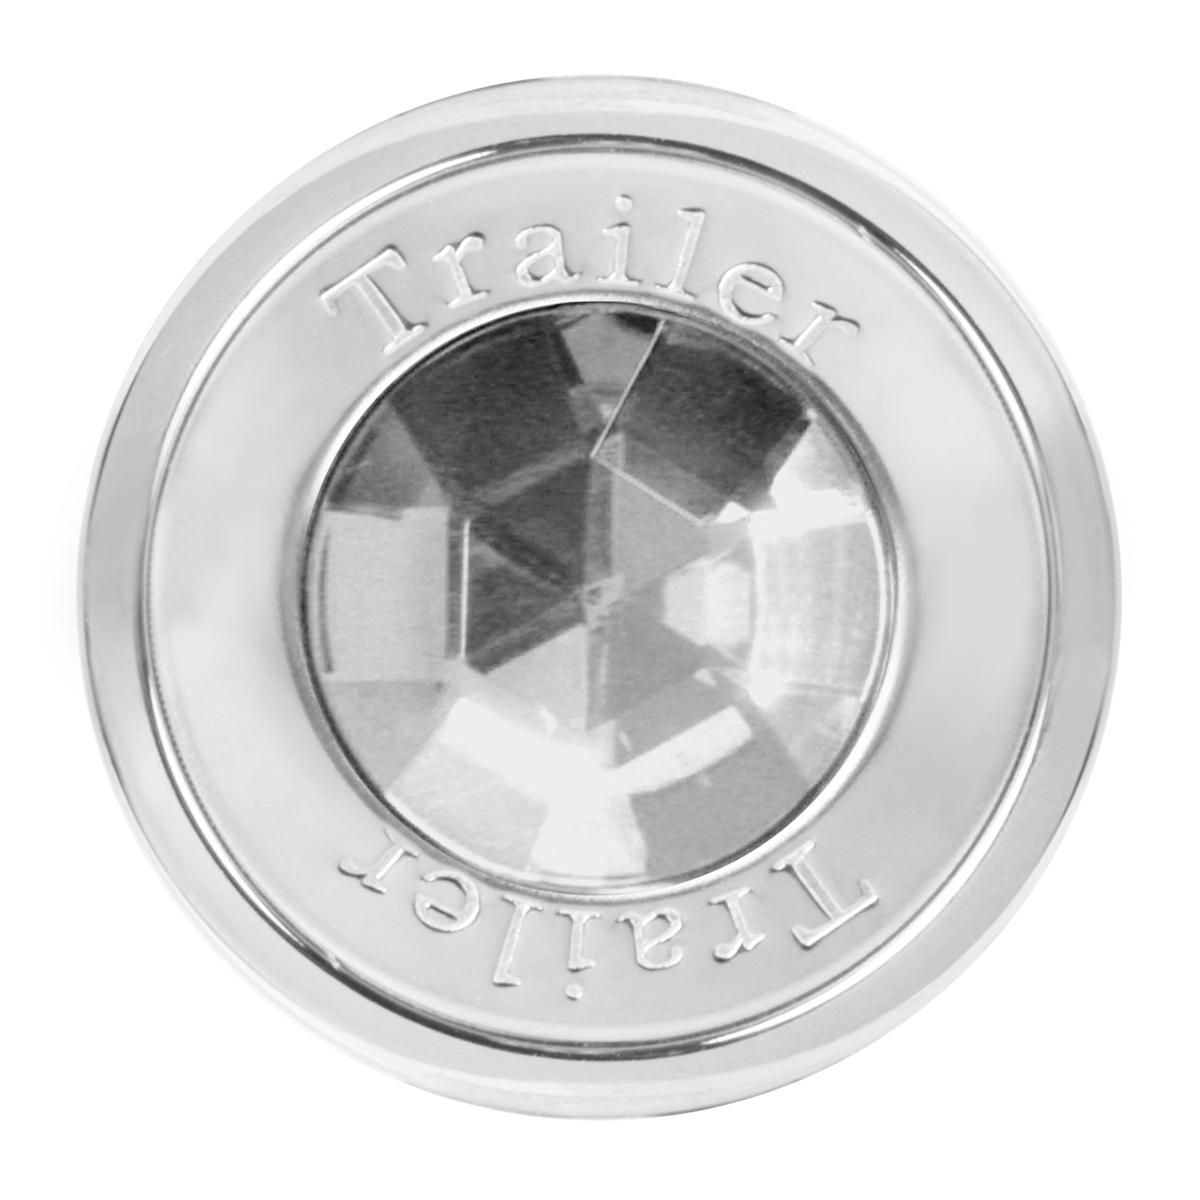 95822 Trailer Air Control Knob w/ Clear Crystal